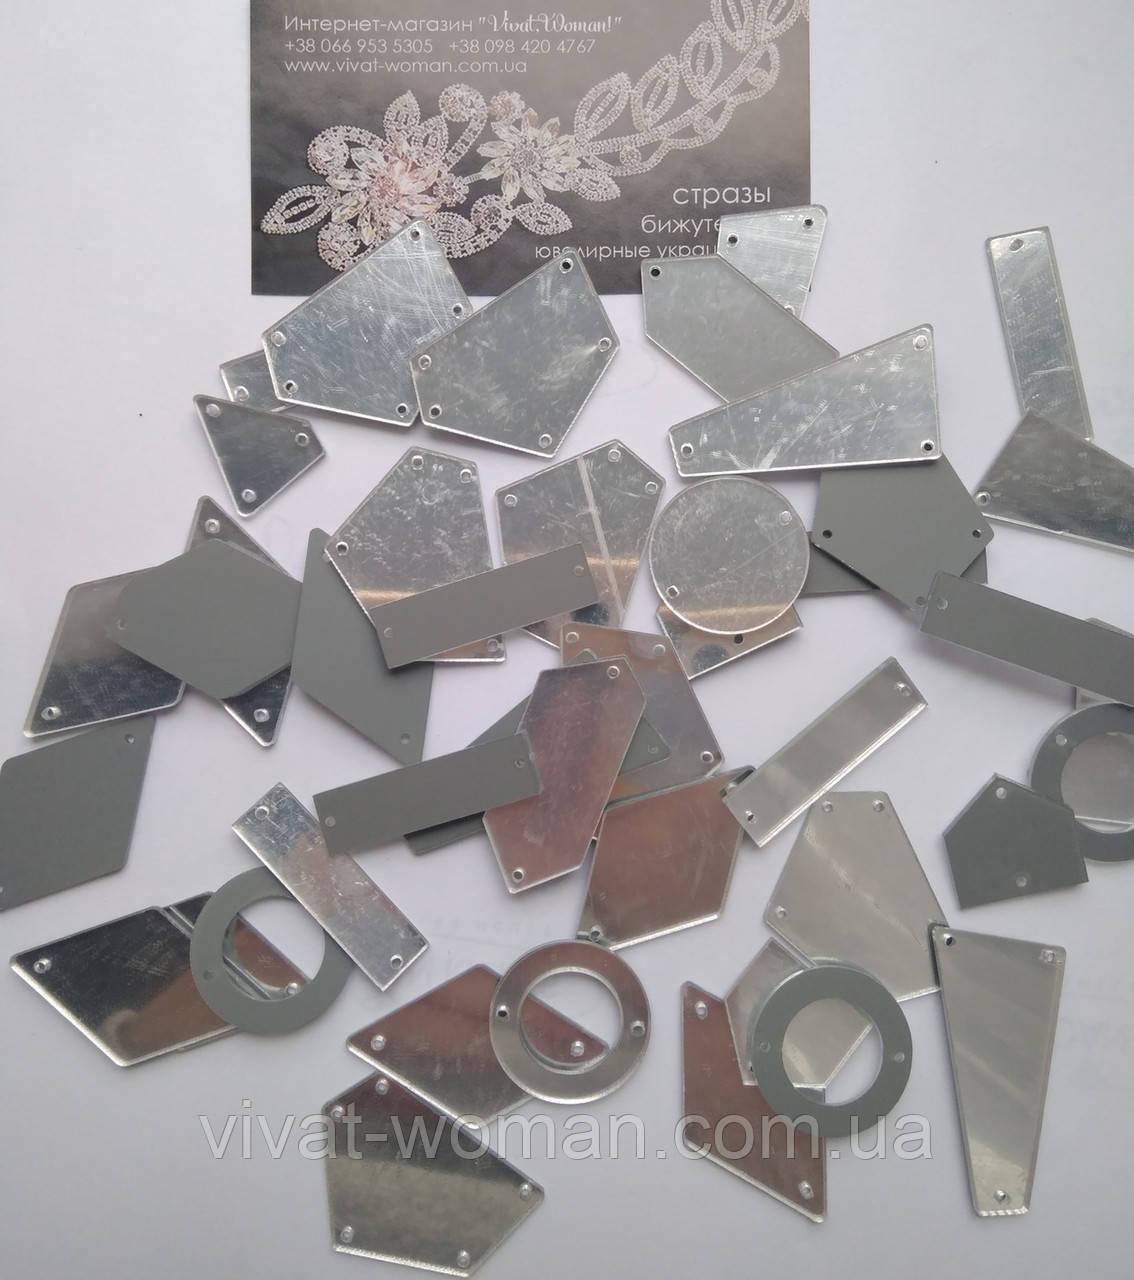 Дзеркальні пришивні стрази Crystal / Silver, мікс. 50 штук в уп.